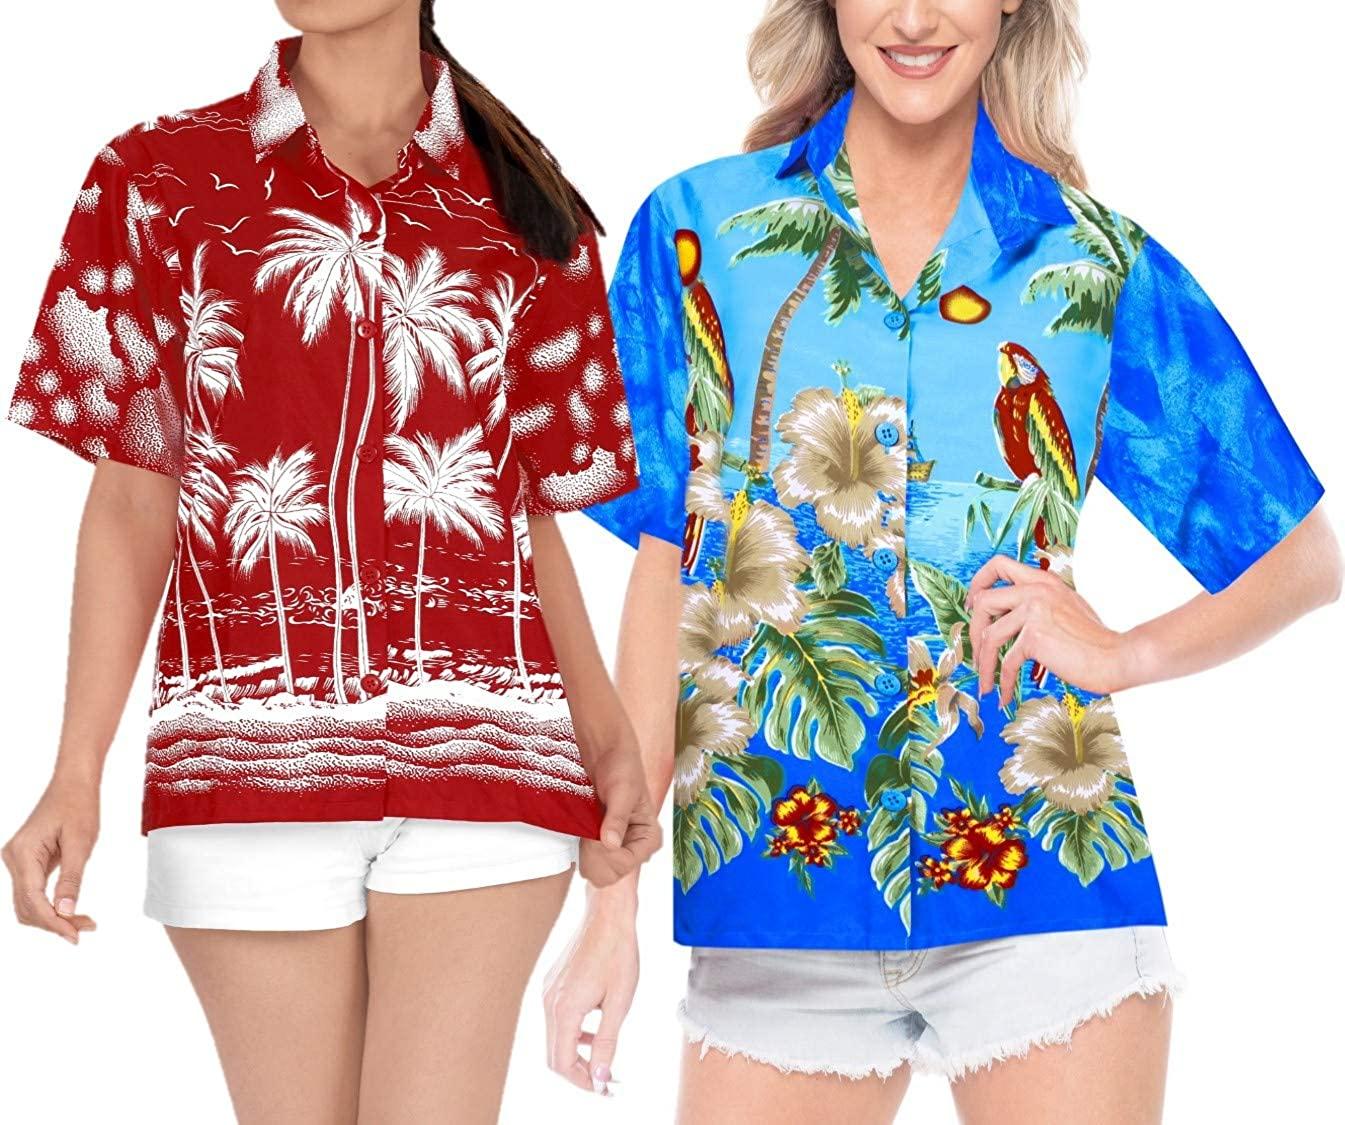 LA LEELA Women's Relaxed Beach Hawaiian Shirt Aloha Blouse Tops Shirt Work from Home Clothes Women Beach Shirt Blouse Shirt Combo Pack of 2 Size M